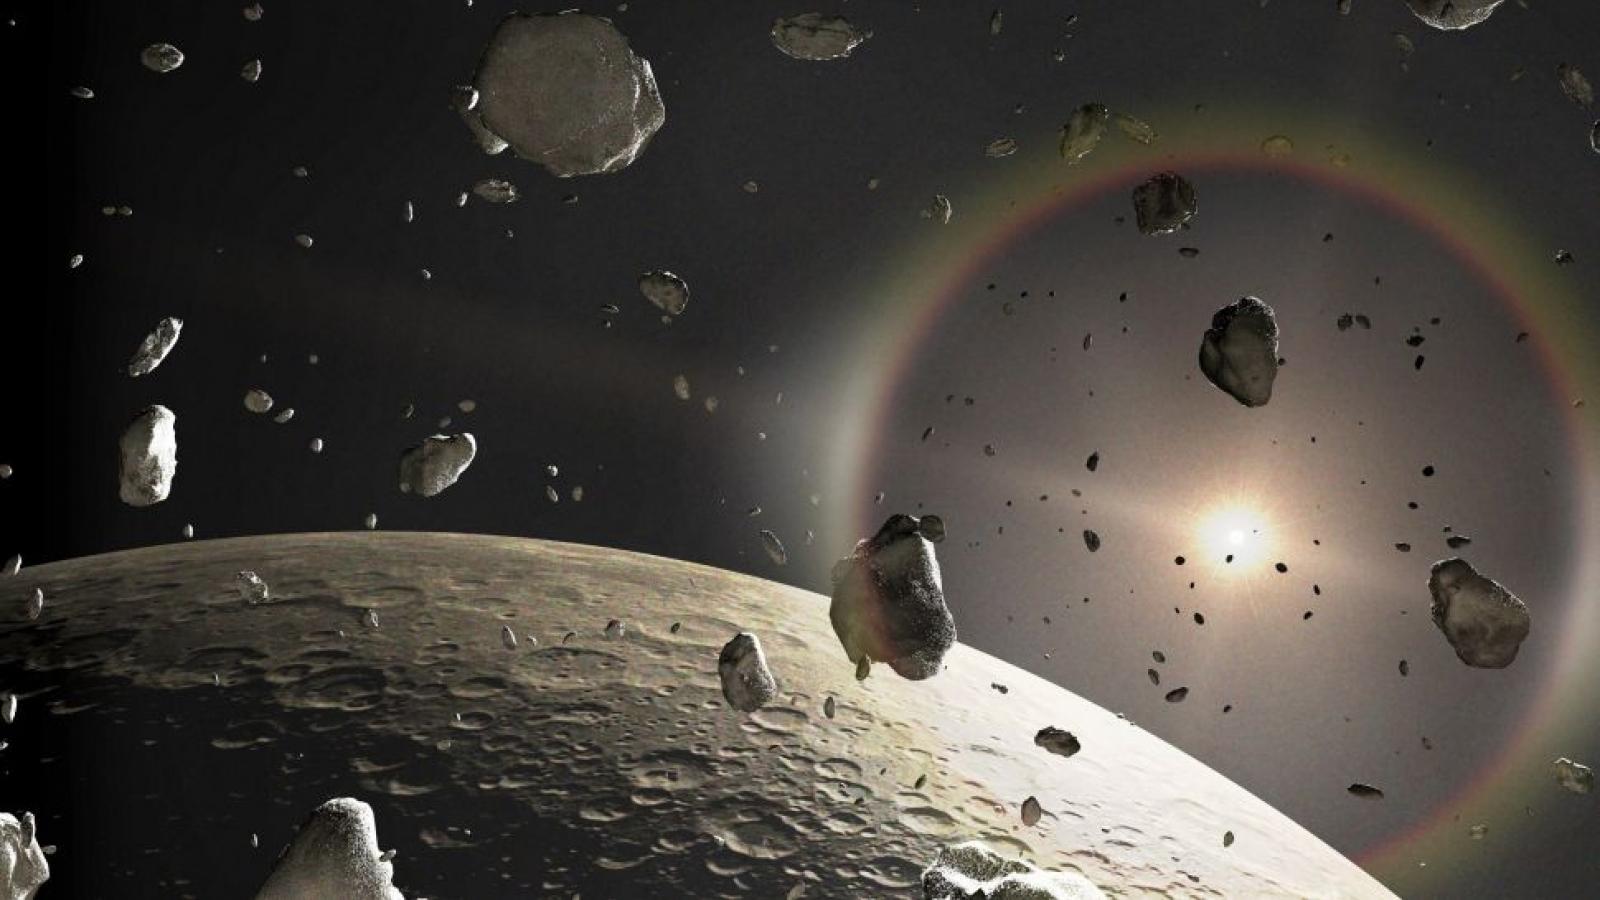 Phát hiện nhiều vật thể mới có quỹ đạo kỳ lạ bên ngoài sao Hải Vương